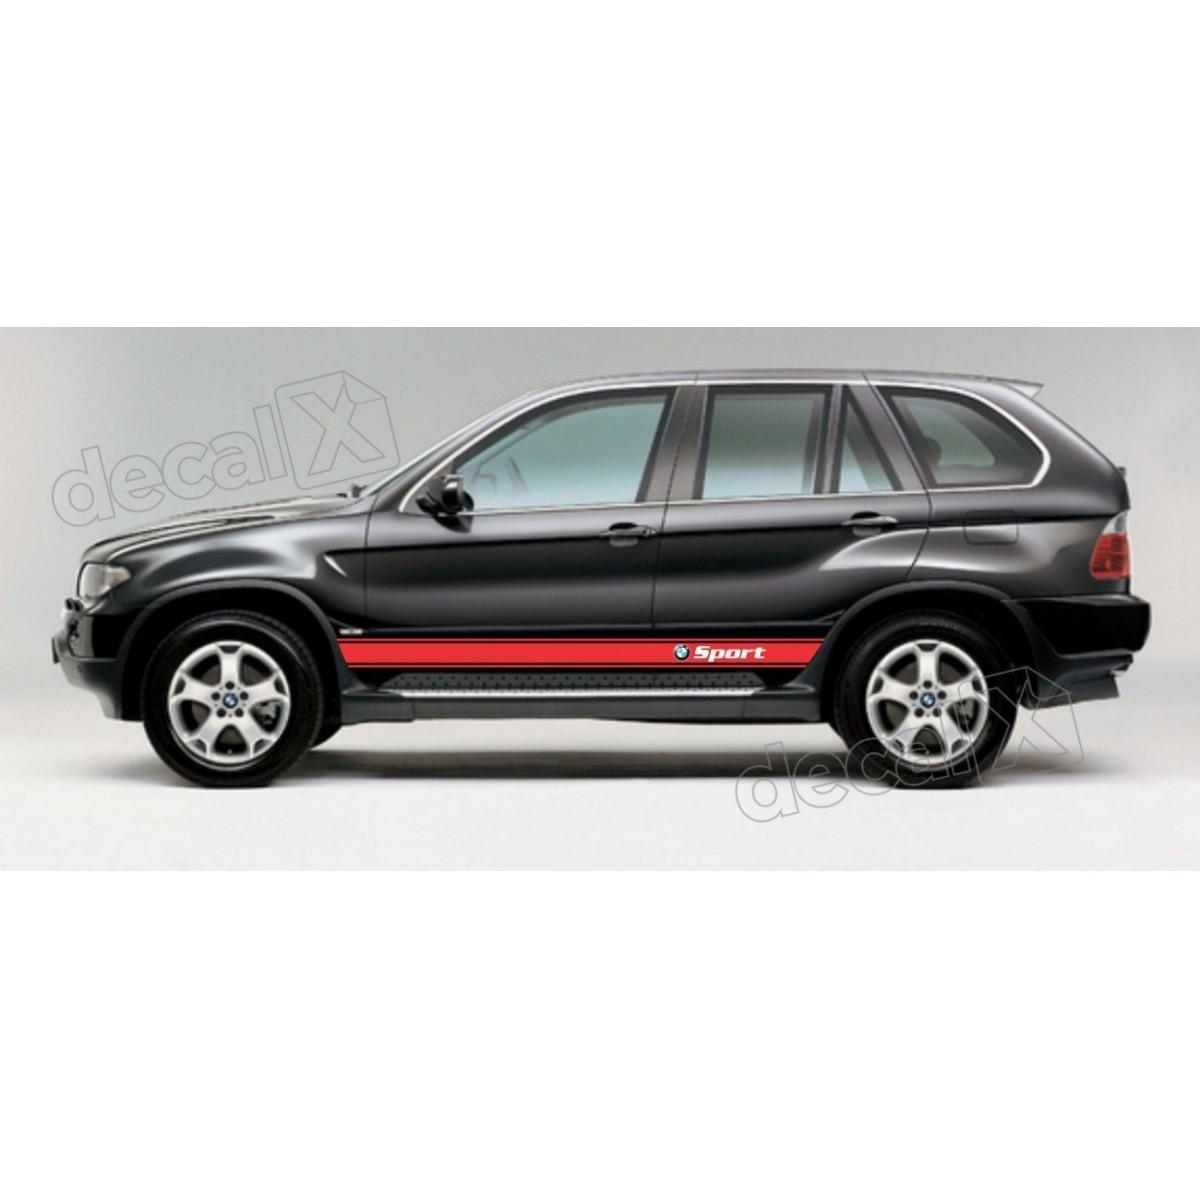 KIT FAIXAS LATERAIS BMW X5 SPORT X56